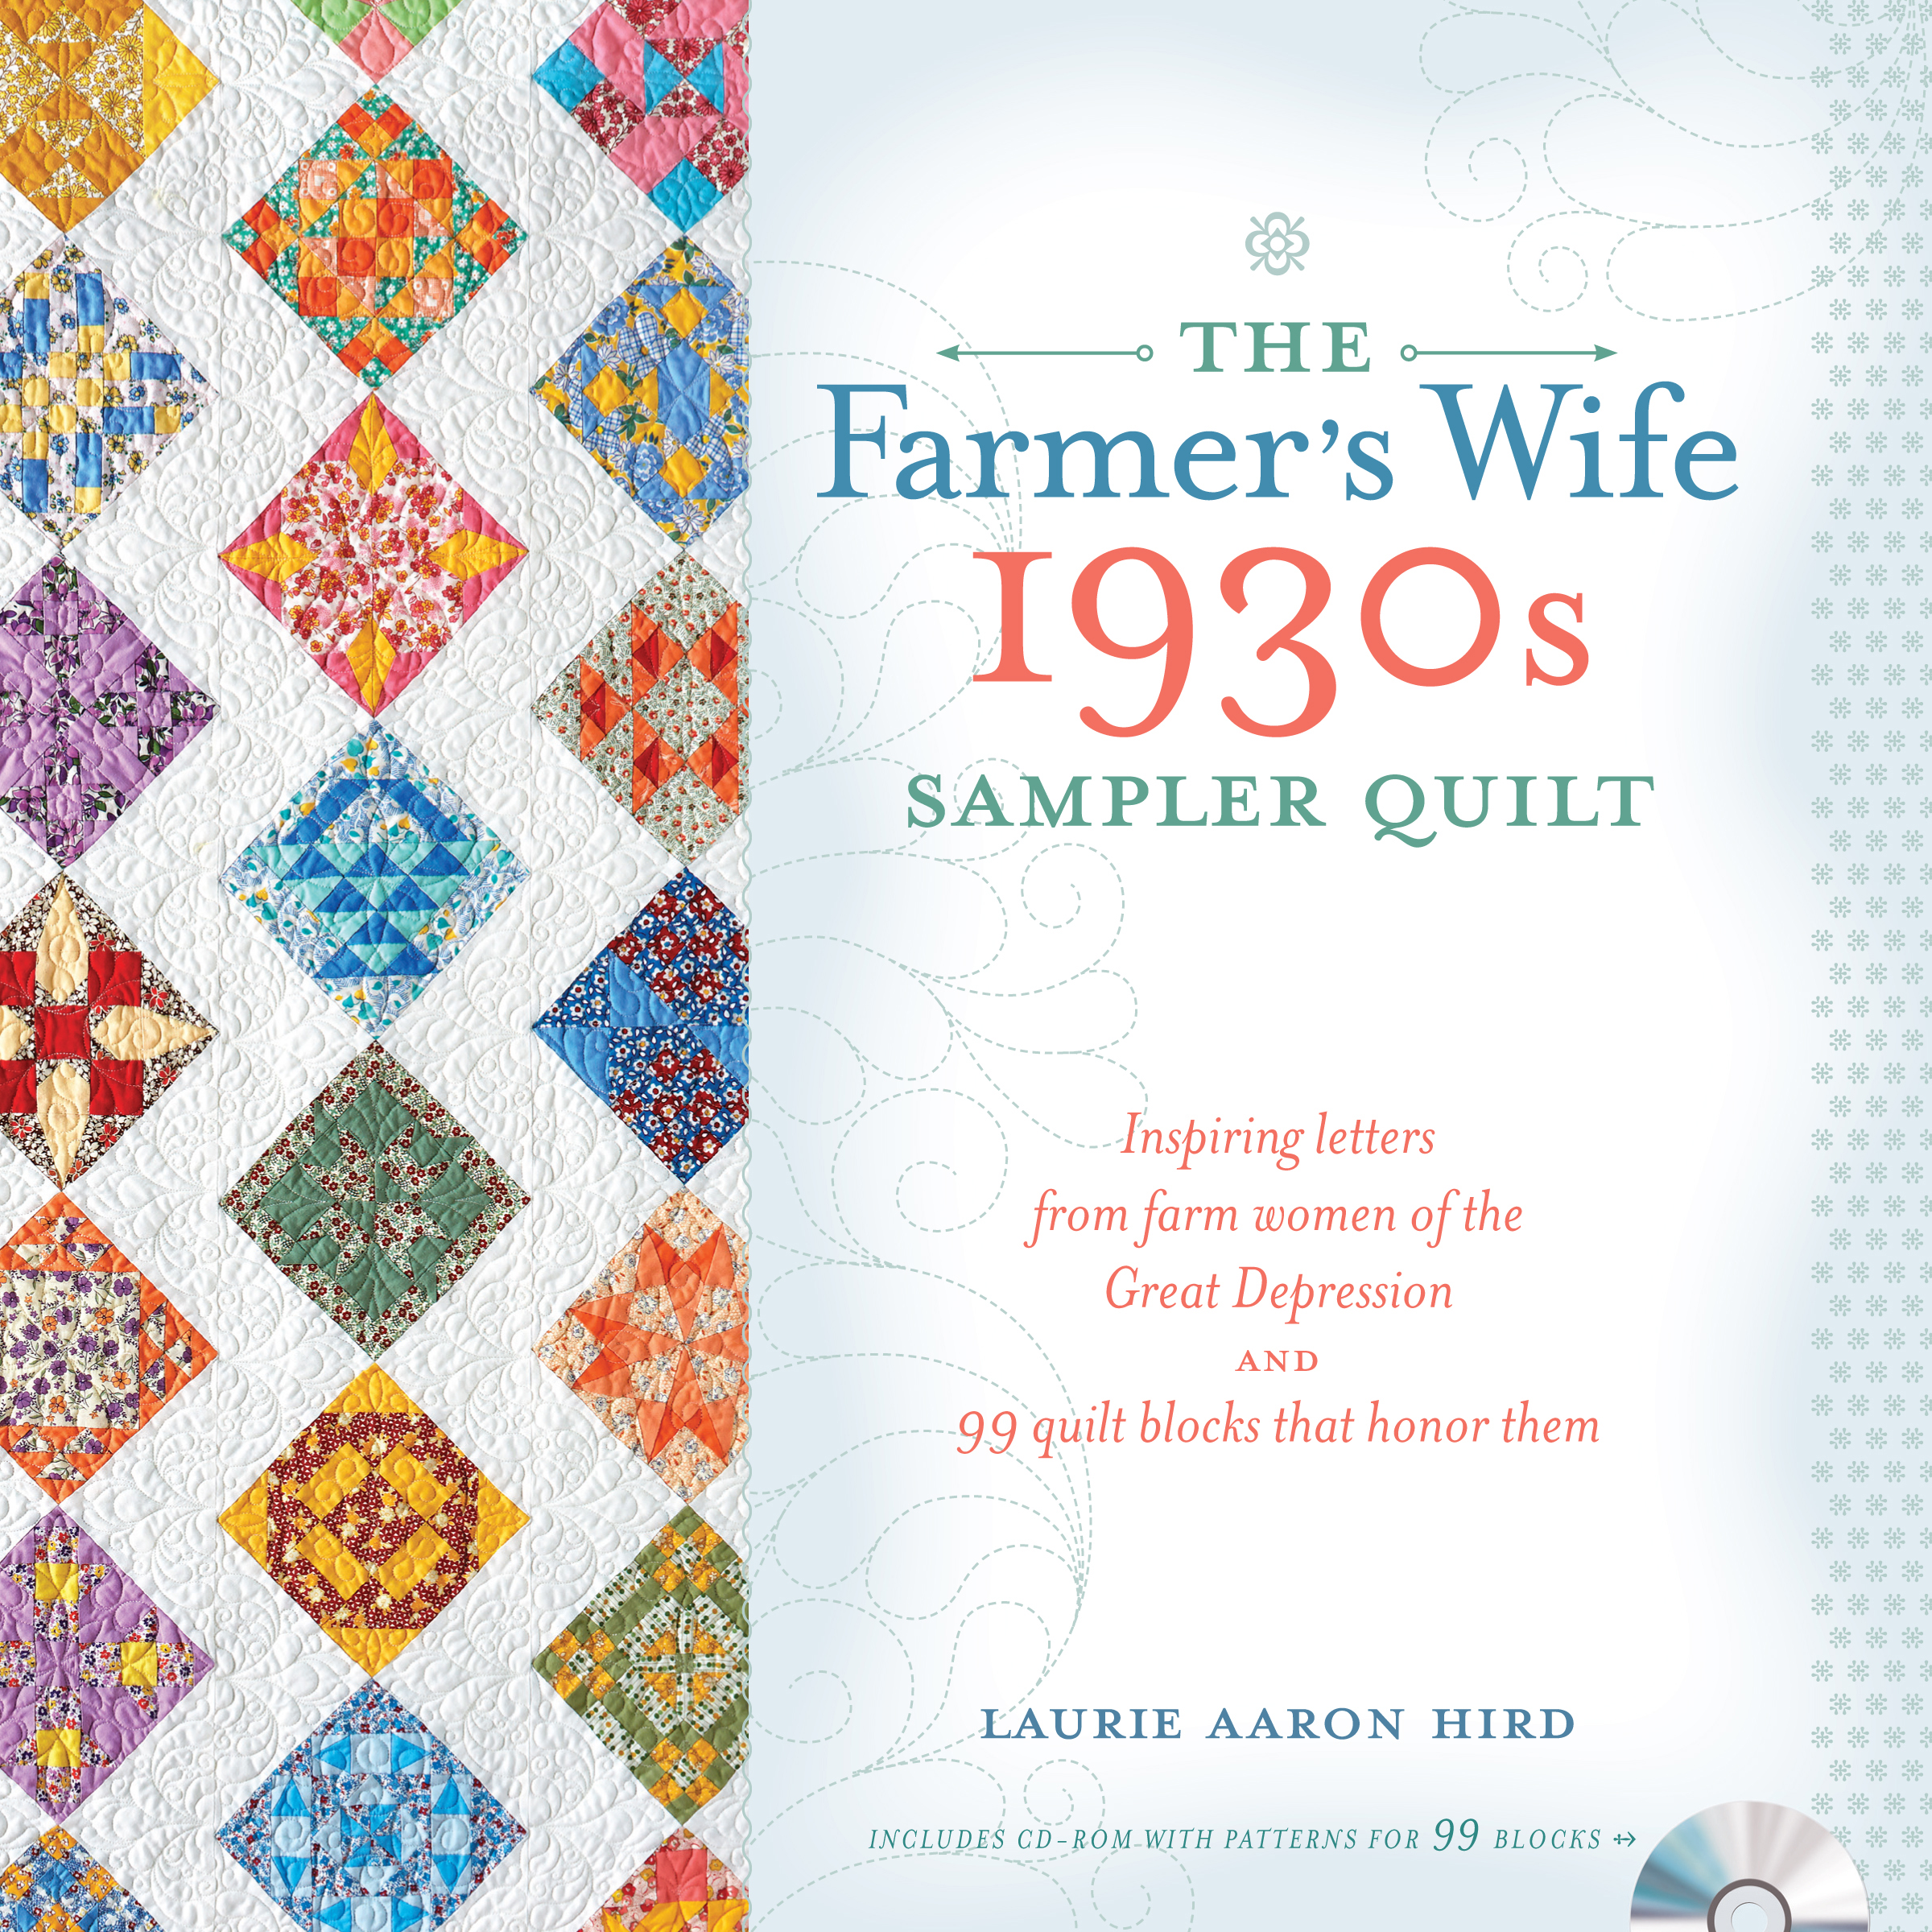 farmer's wife 1930s sampler quilt